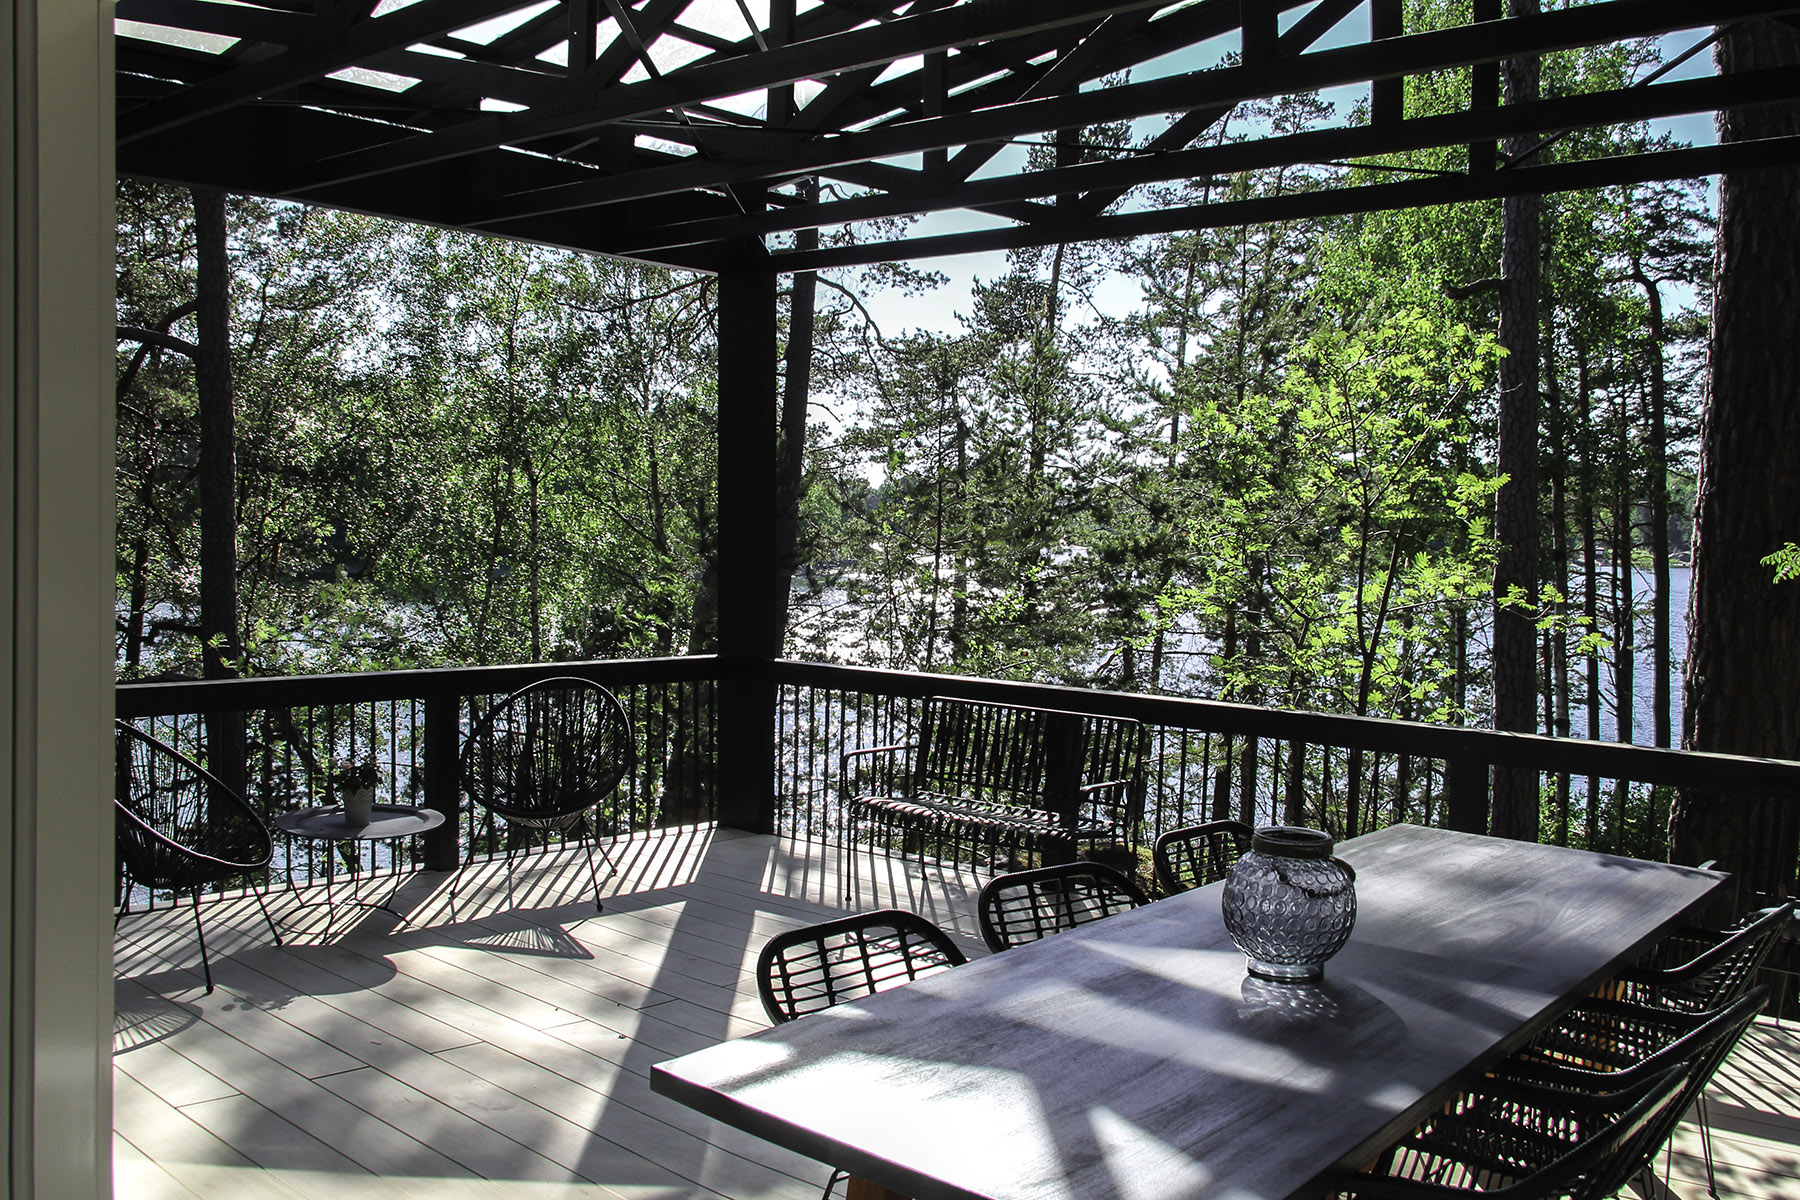 Moderni vapaa-ajan asunto Helsingin saaristossa terassi